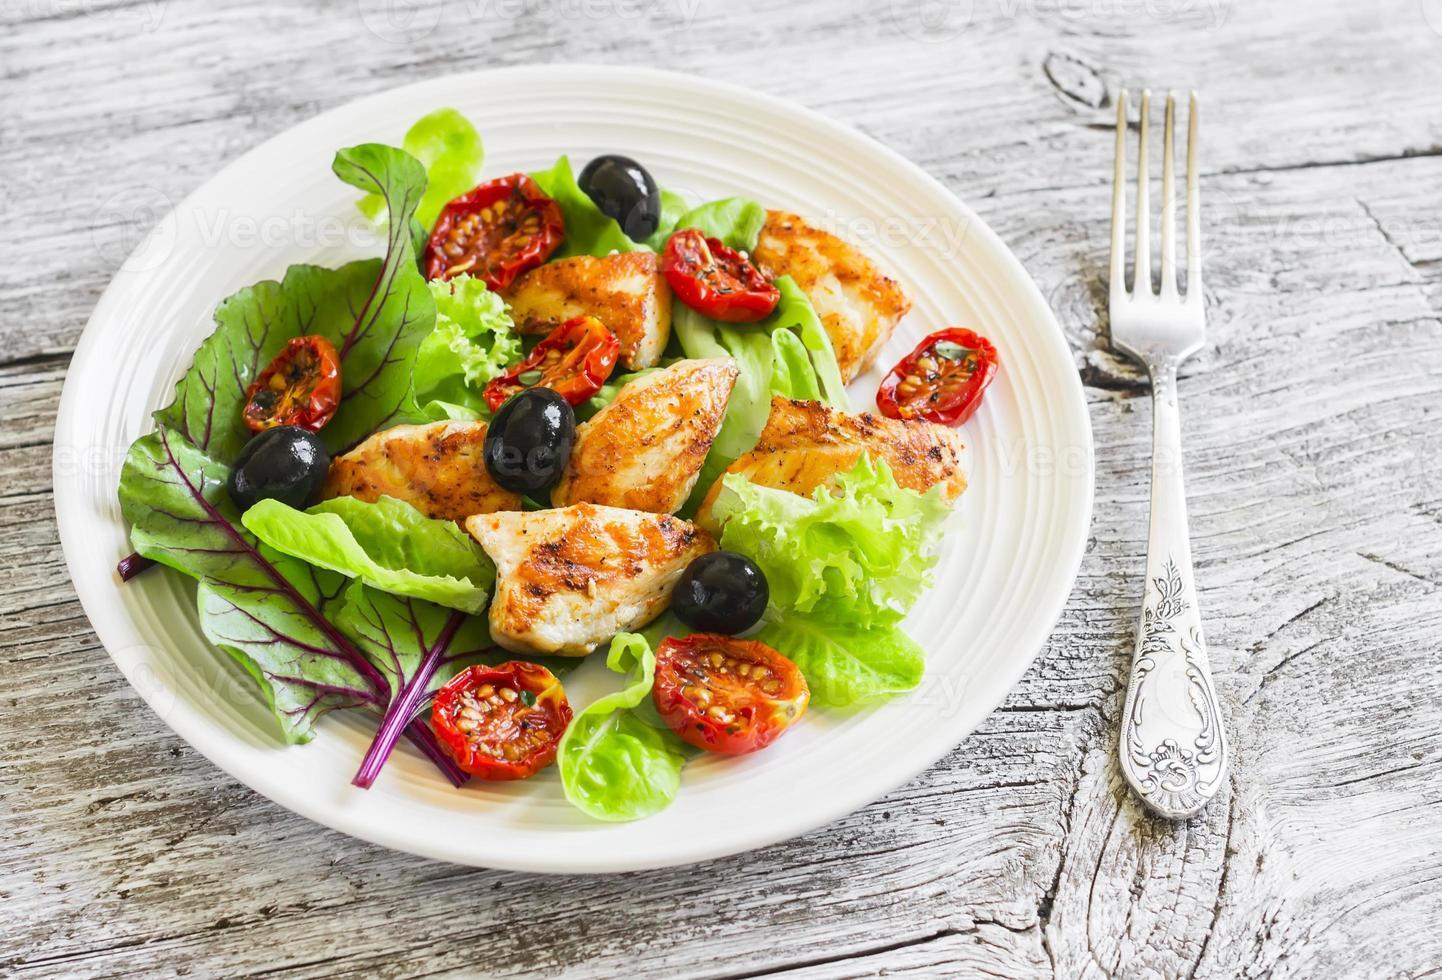 insalata fresca con petto di pollo, pomodori secchi, insalata verde foto